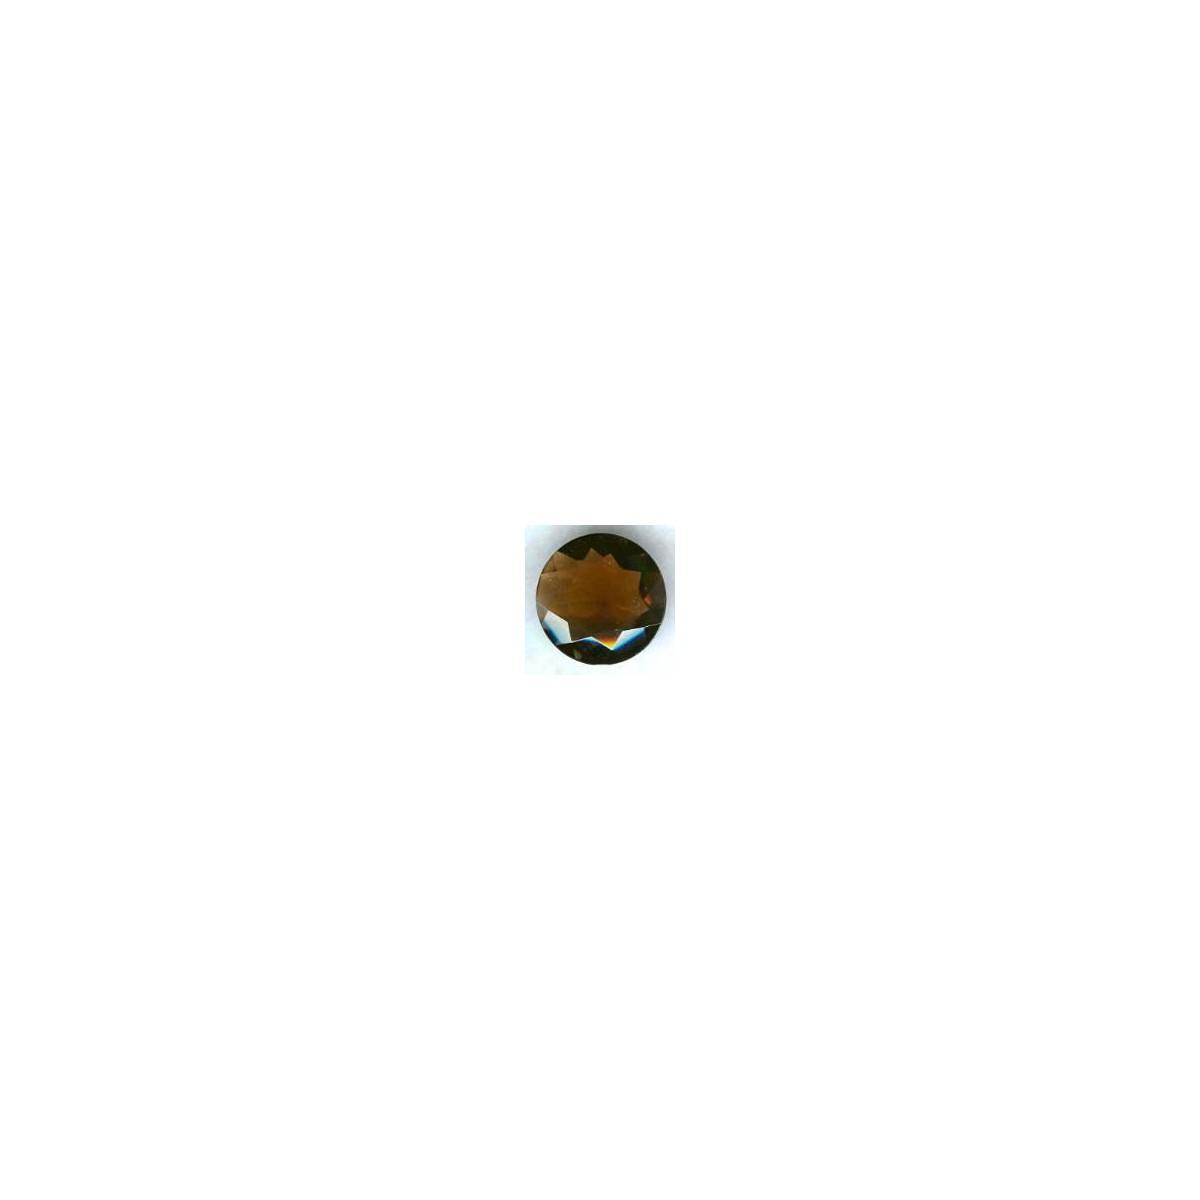 Smoked Topaz Glass Round Jewelry Stone 25mm